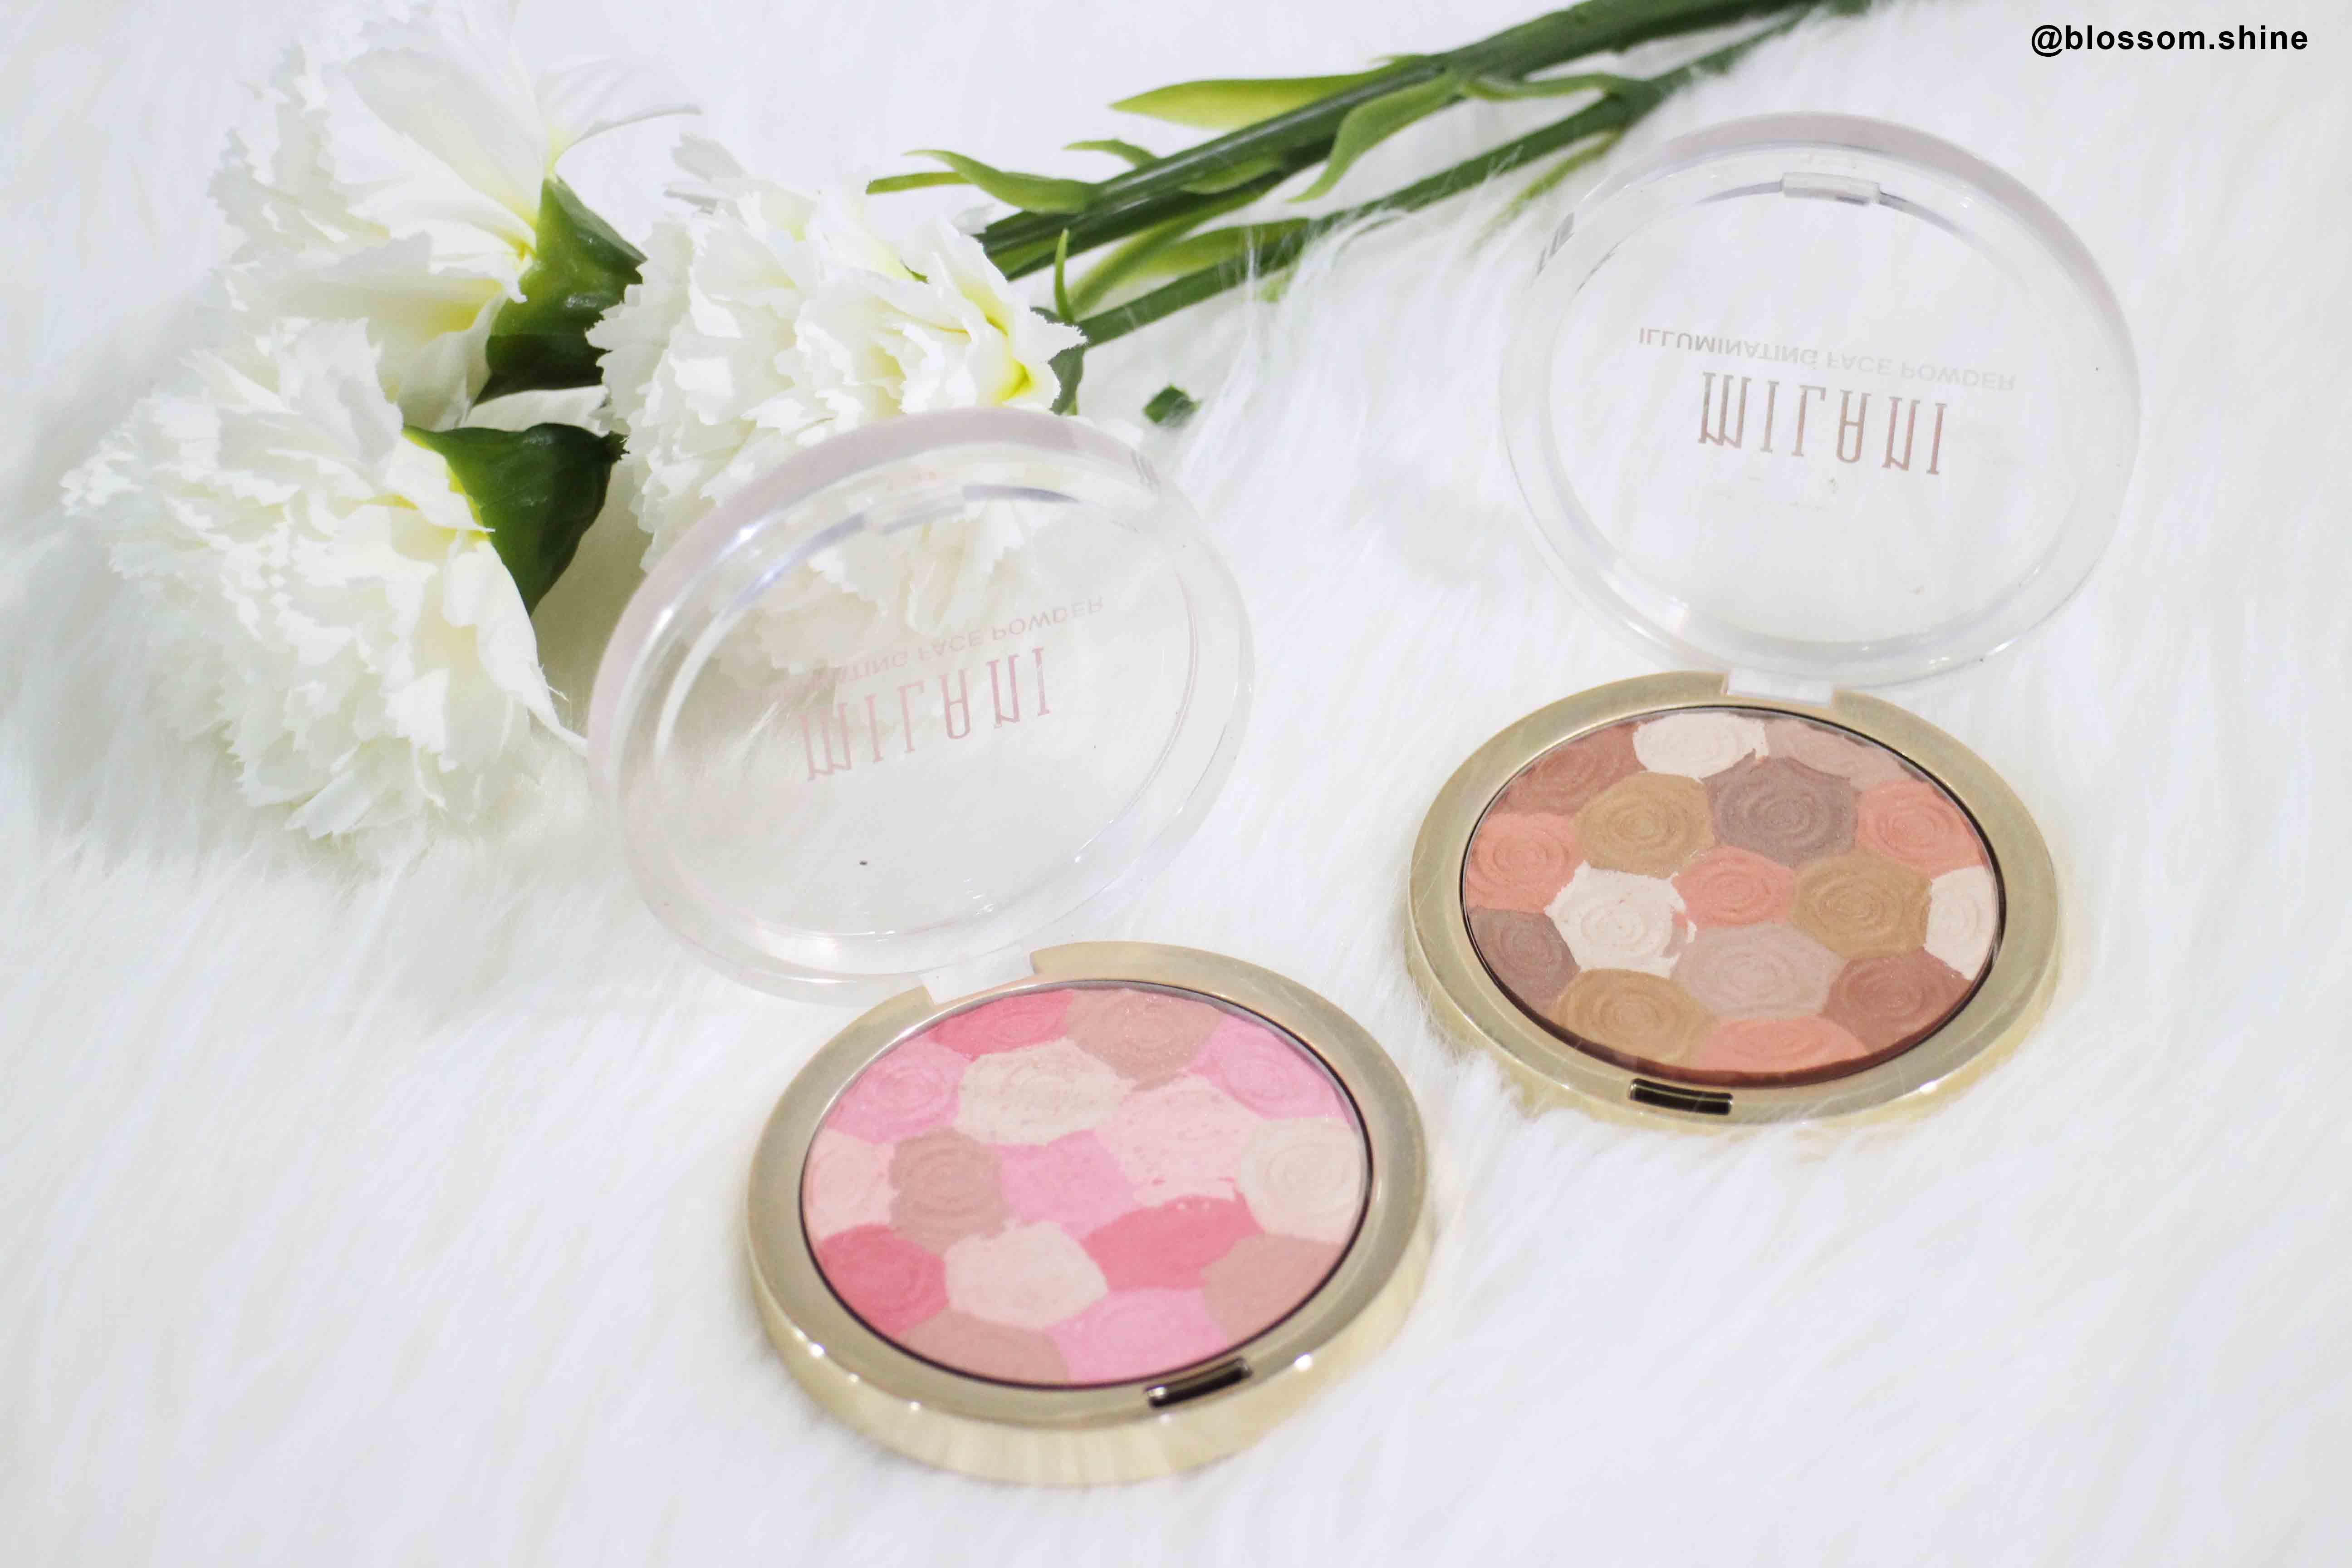 Milani Illuminating Face Powder [Makeup Review]